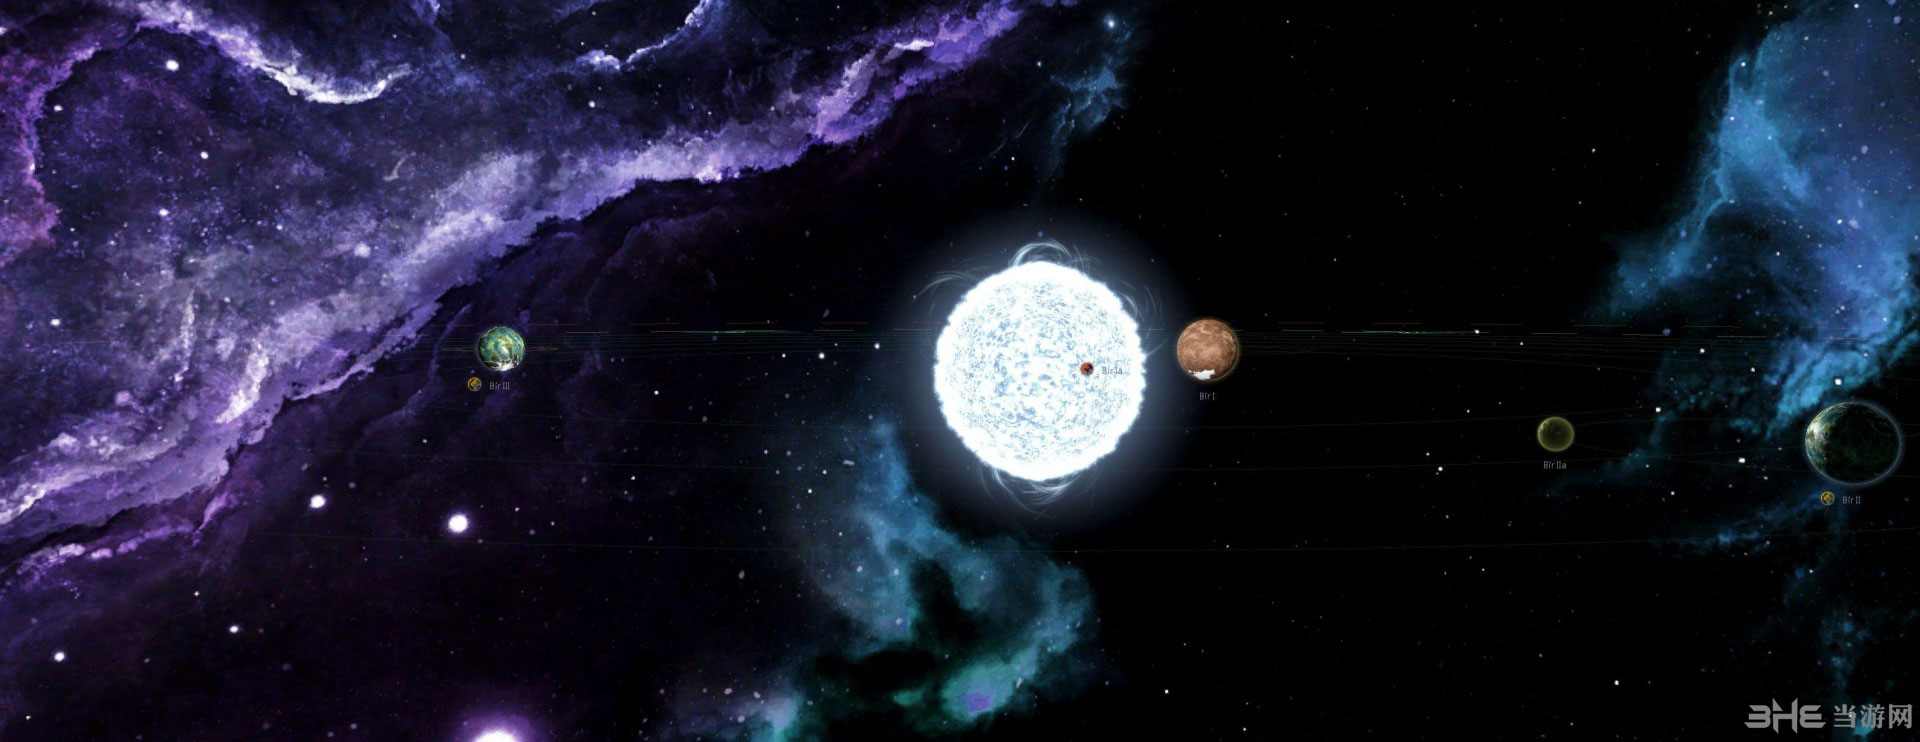 群星工作坊五星好评的美丽宇宙背景图MOD截图2